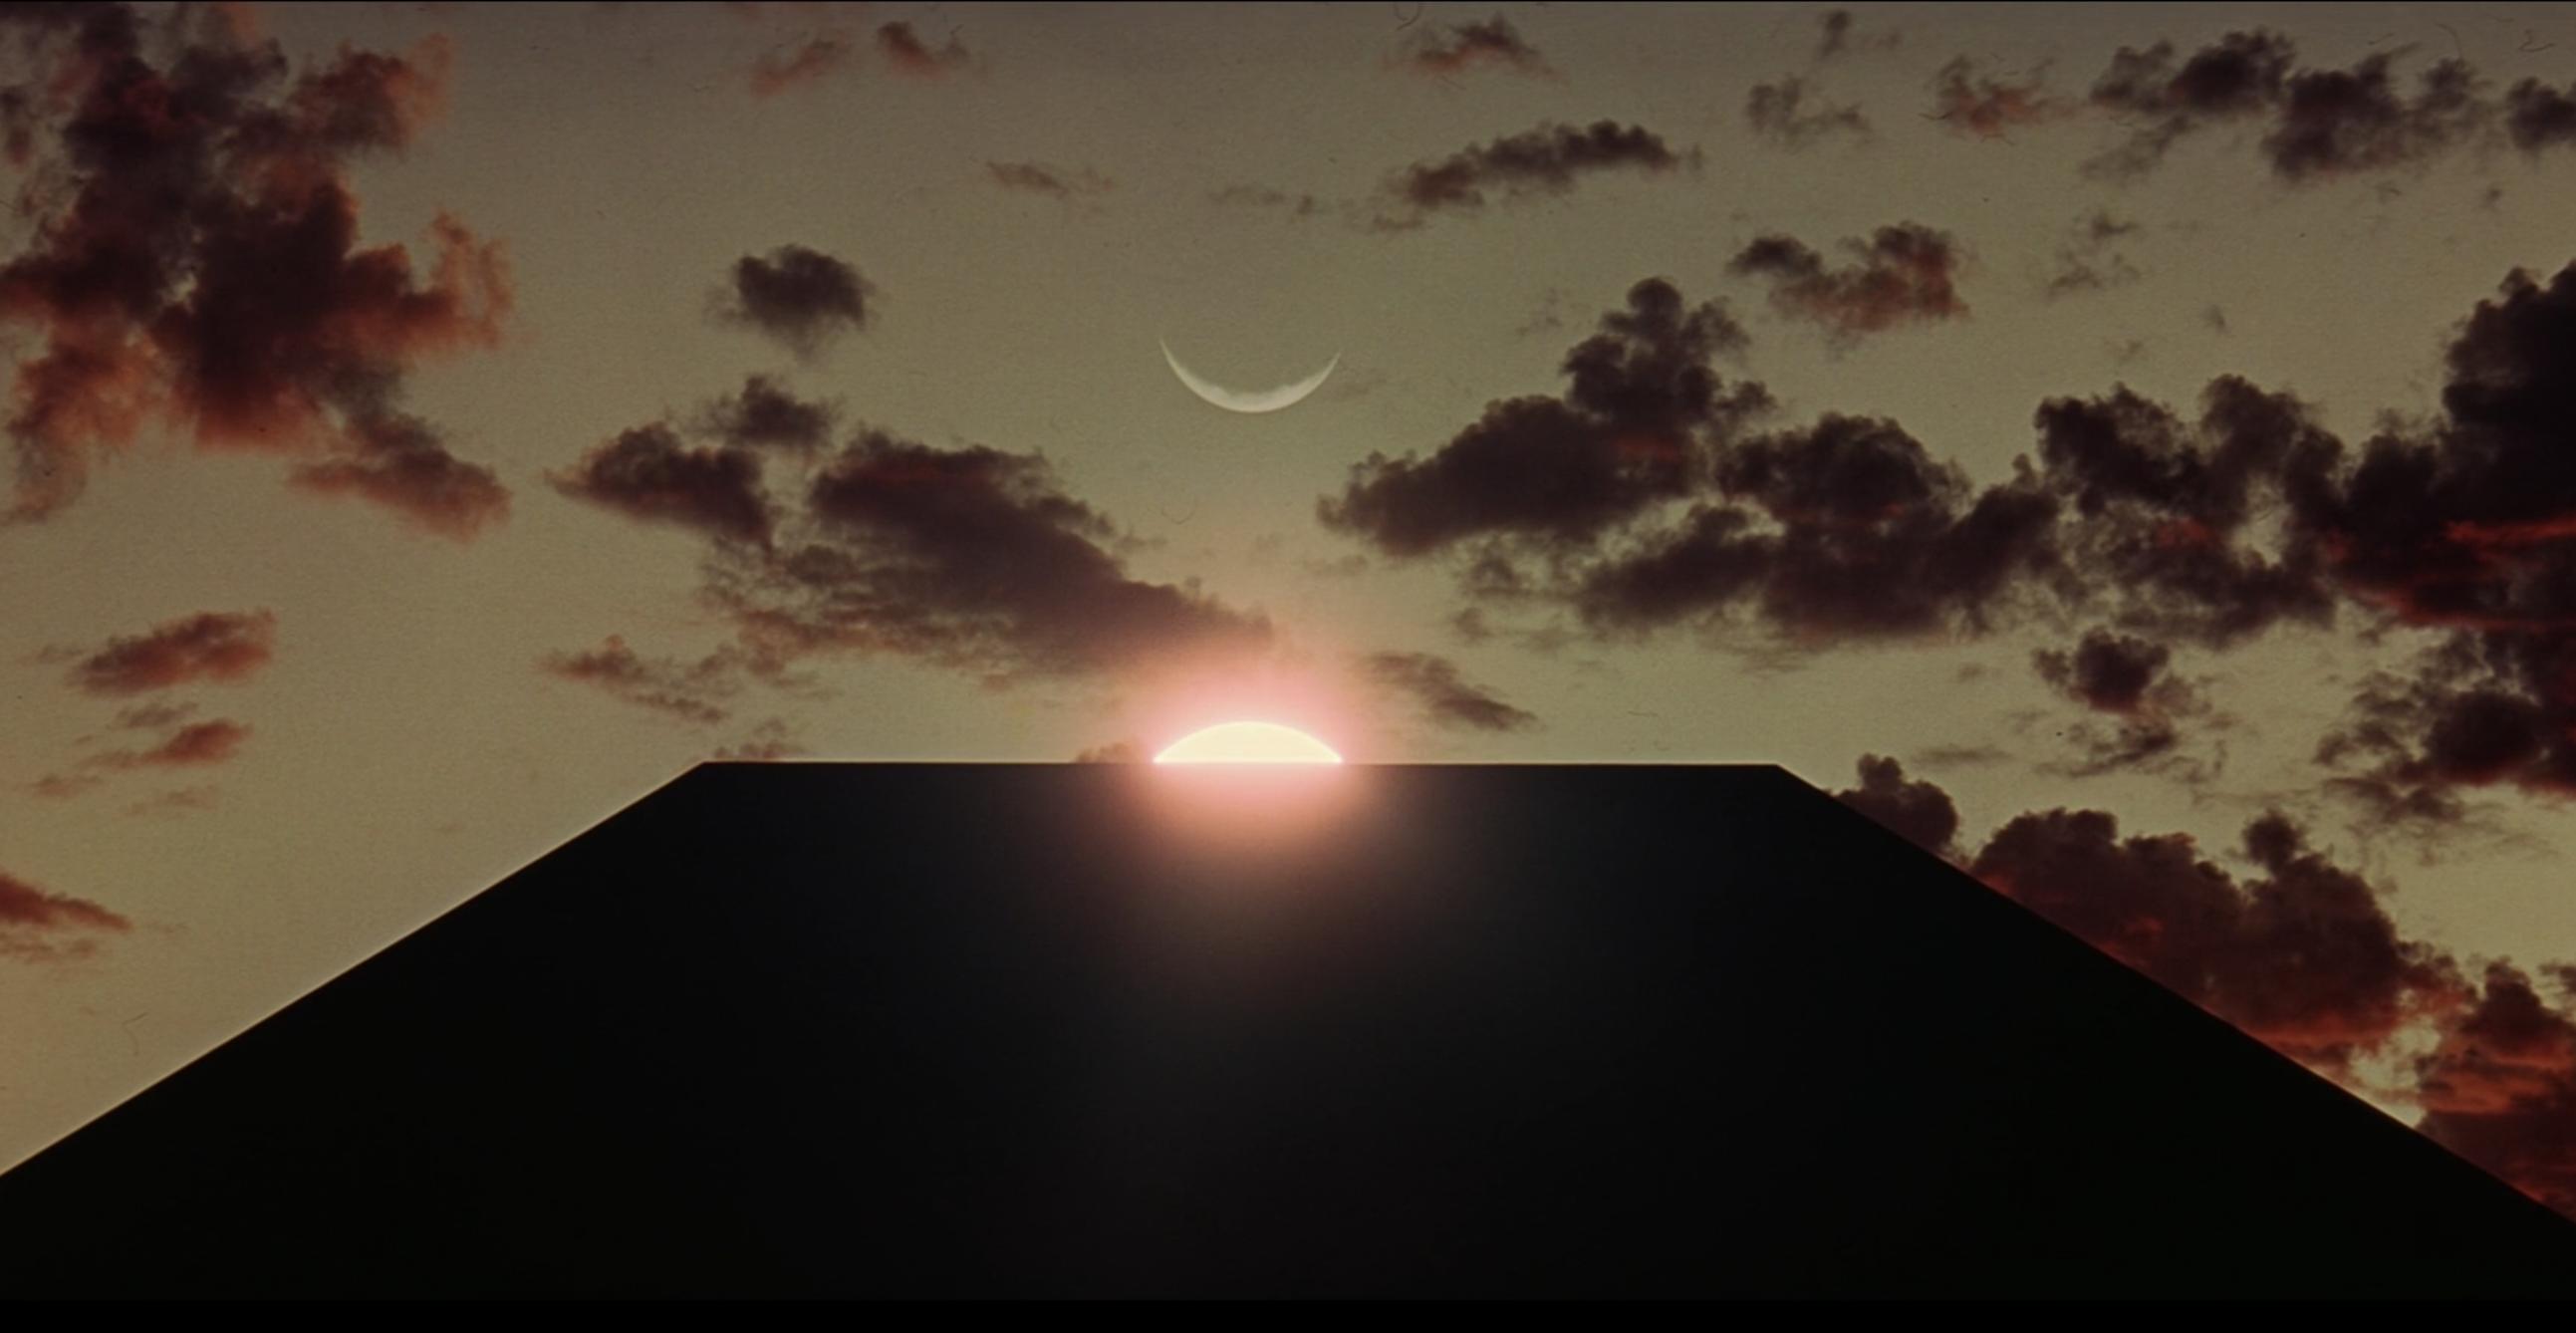 В Юте нашли обелиск, похожий на монолит из «Космической одиссеи 2001 года». Никто не знает, откуда он взялся